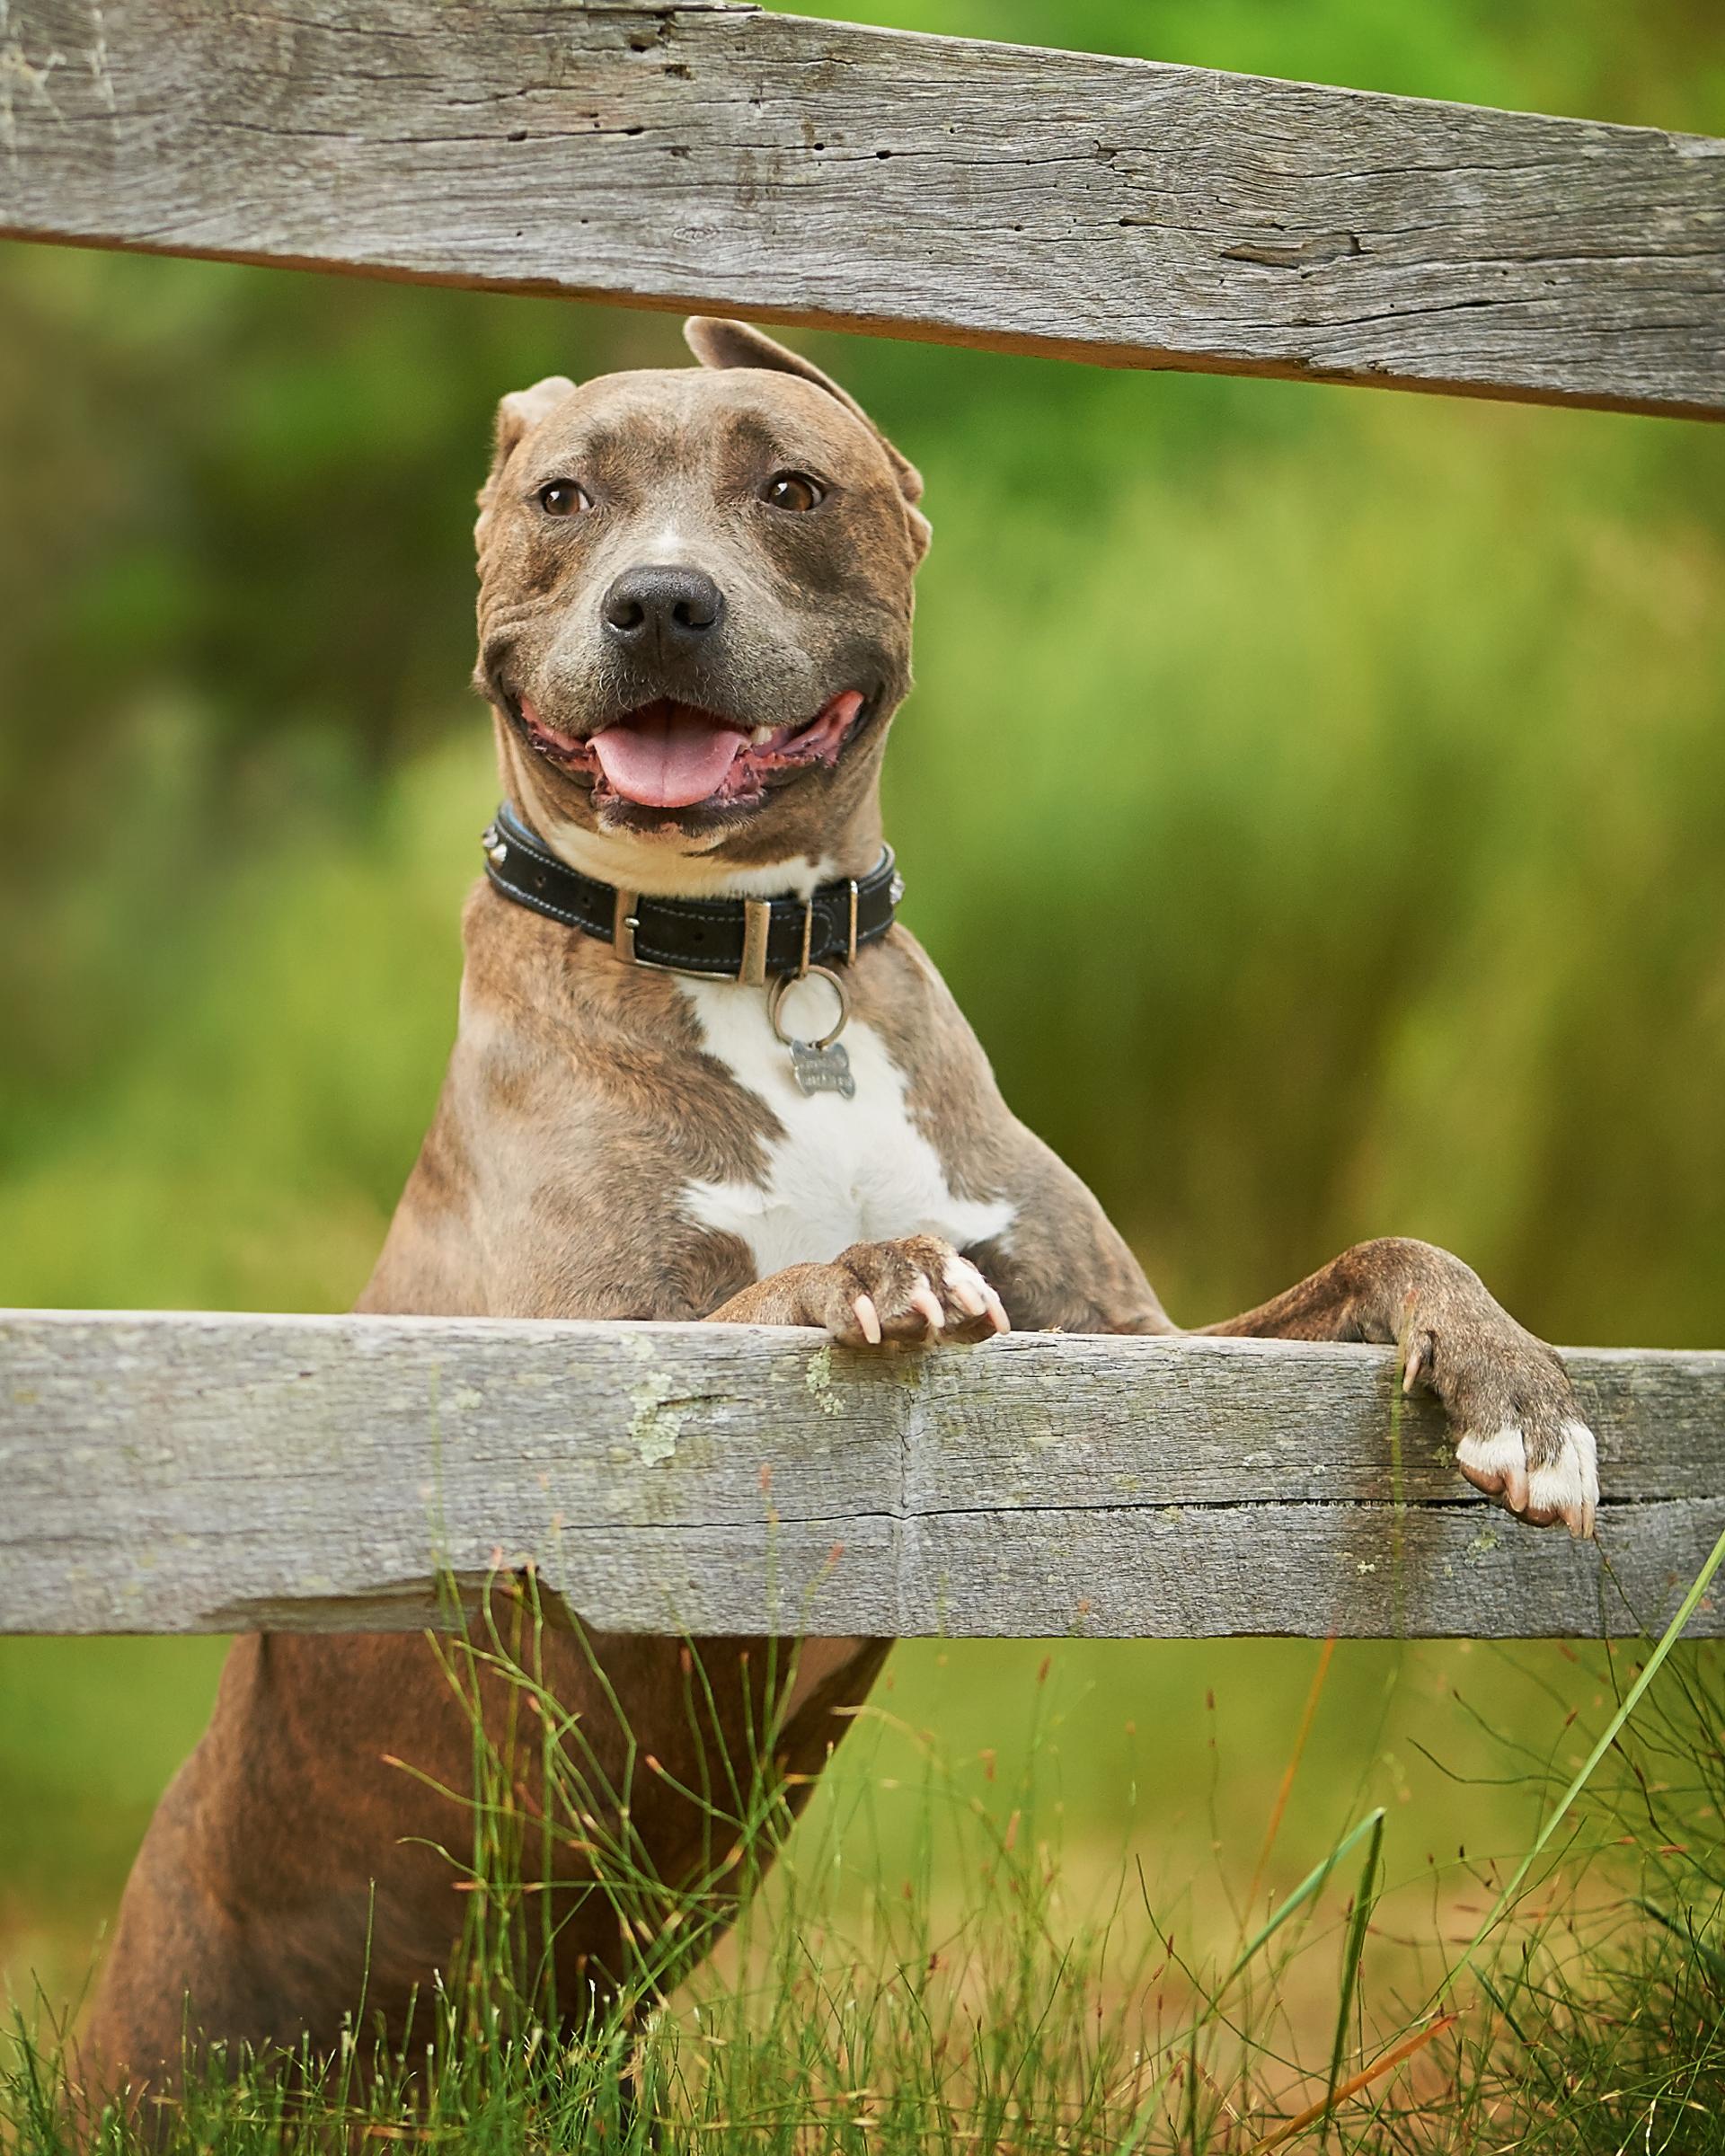 staffy_pet_dog_four_paws_portrait